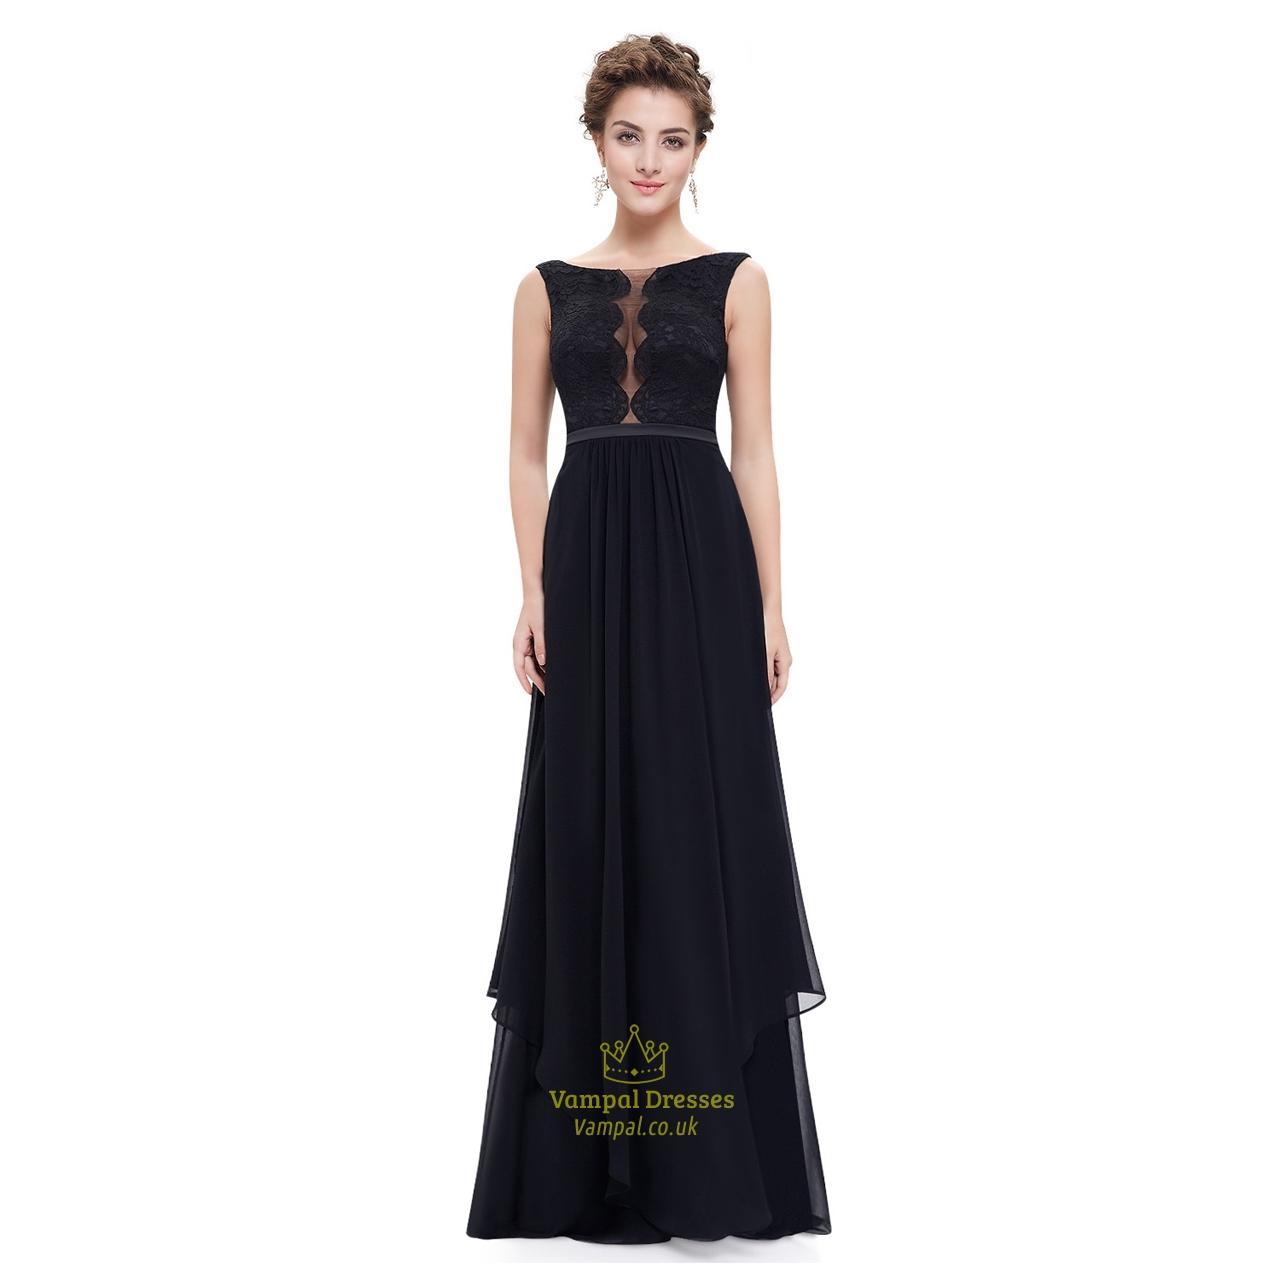 black lace embellished illusion bodice chiffon evening